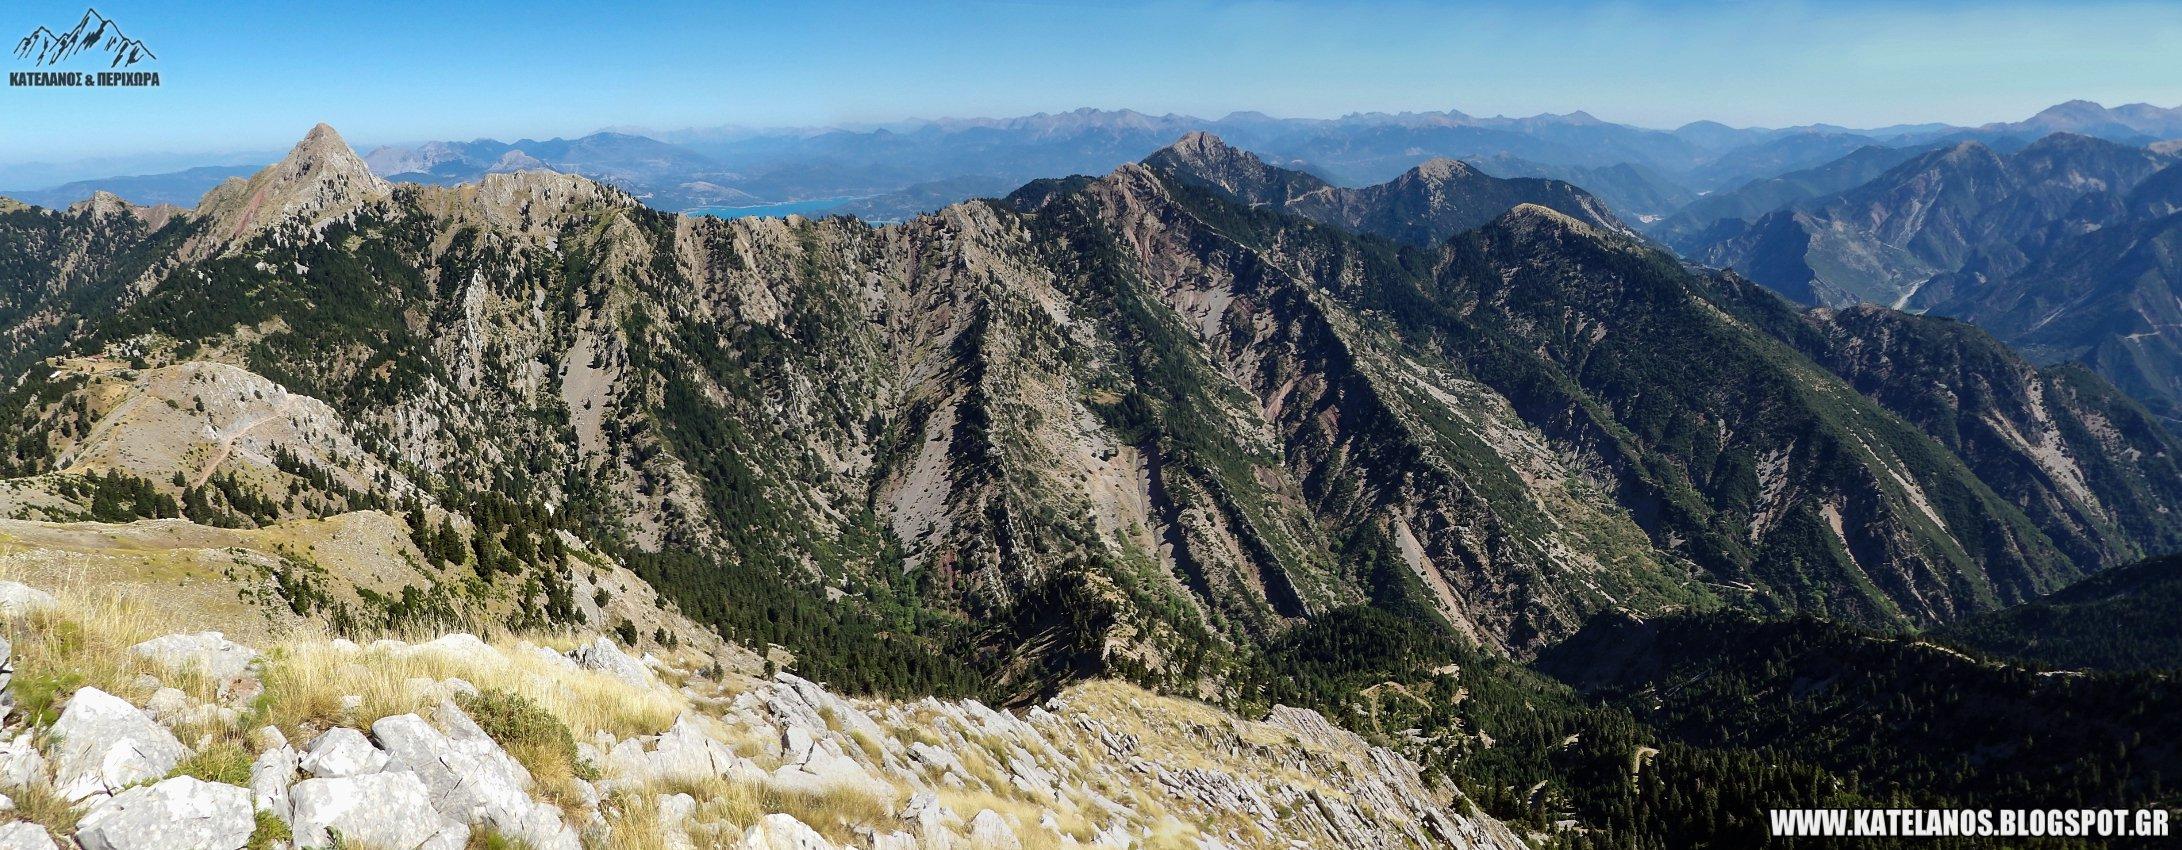 περιοχη σταυροχωρίου ευρυτανίας άγρια βουνά